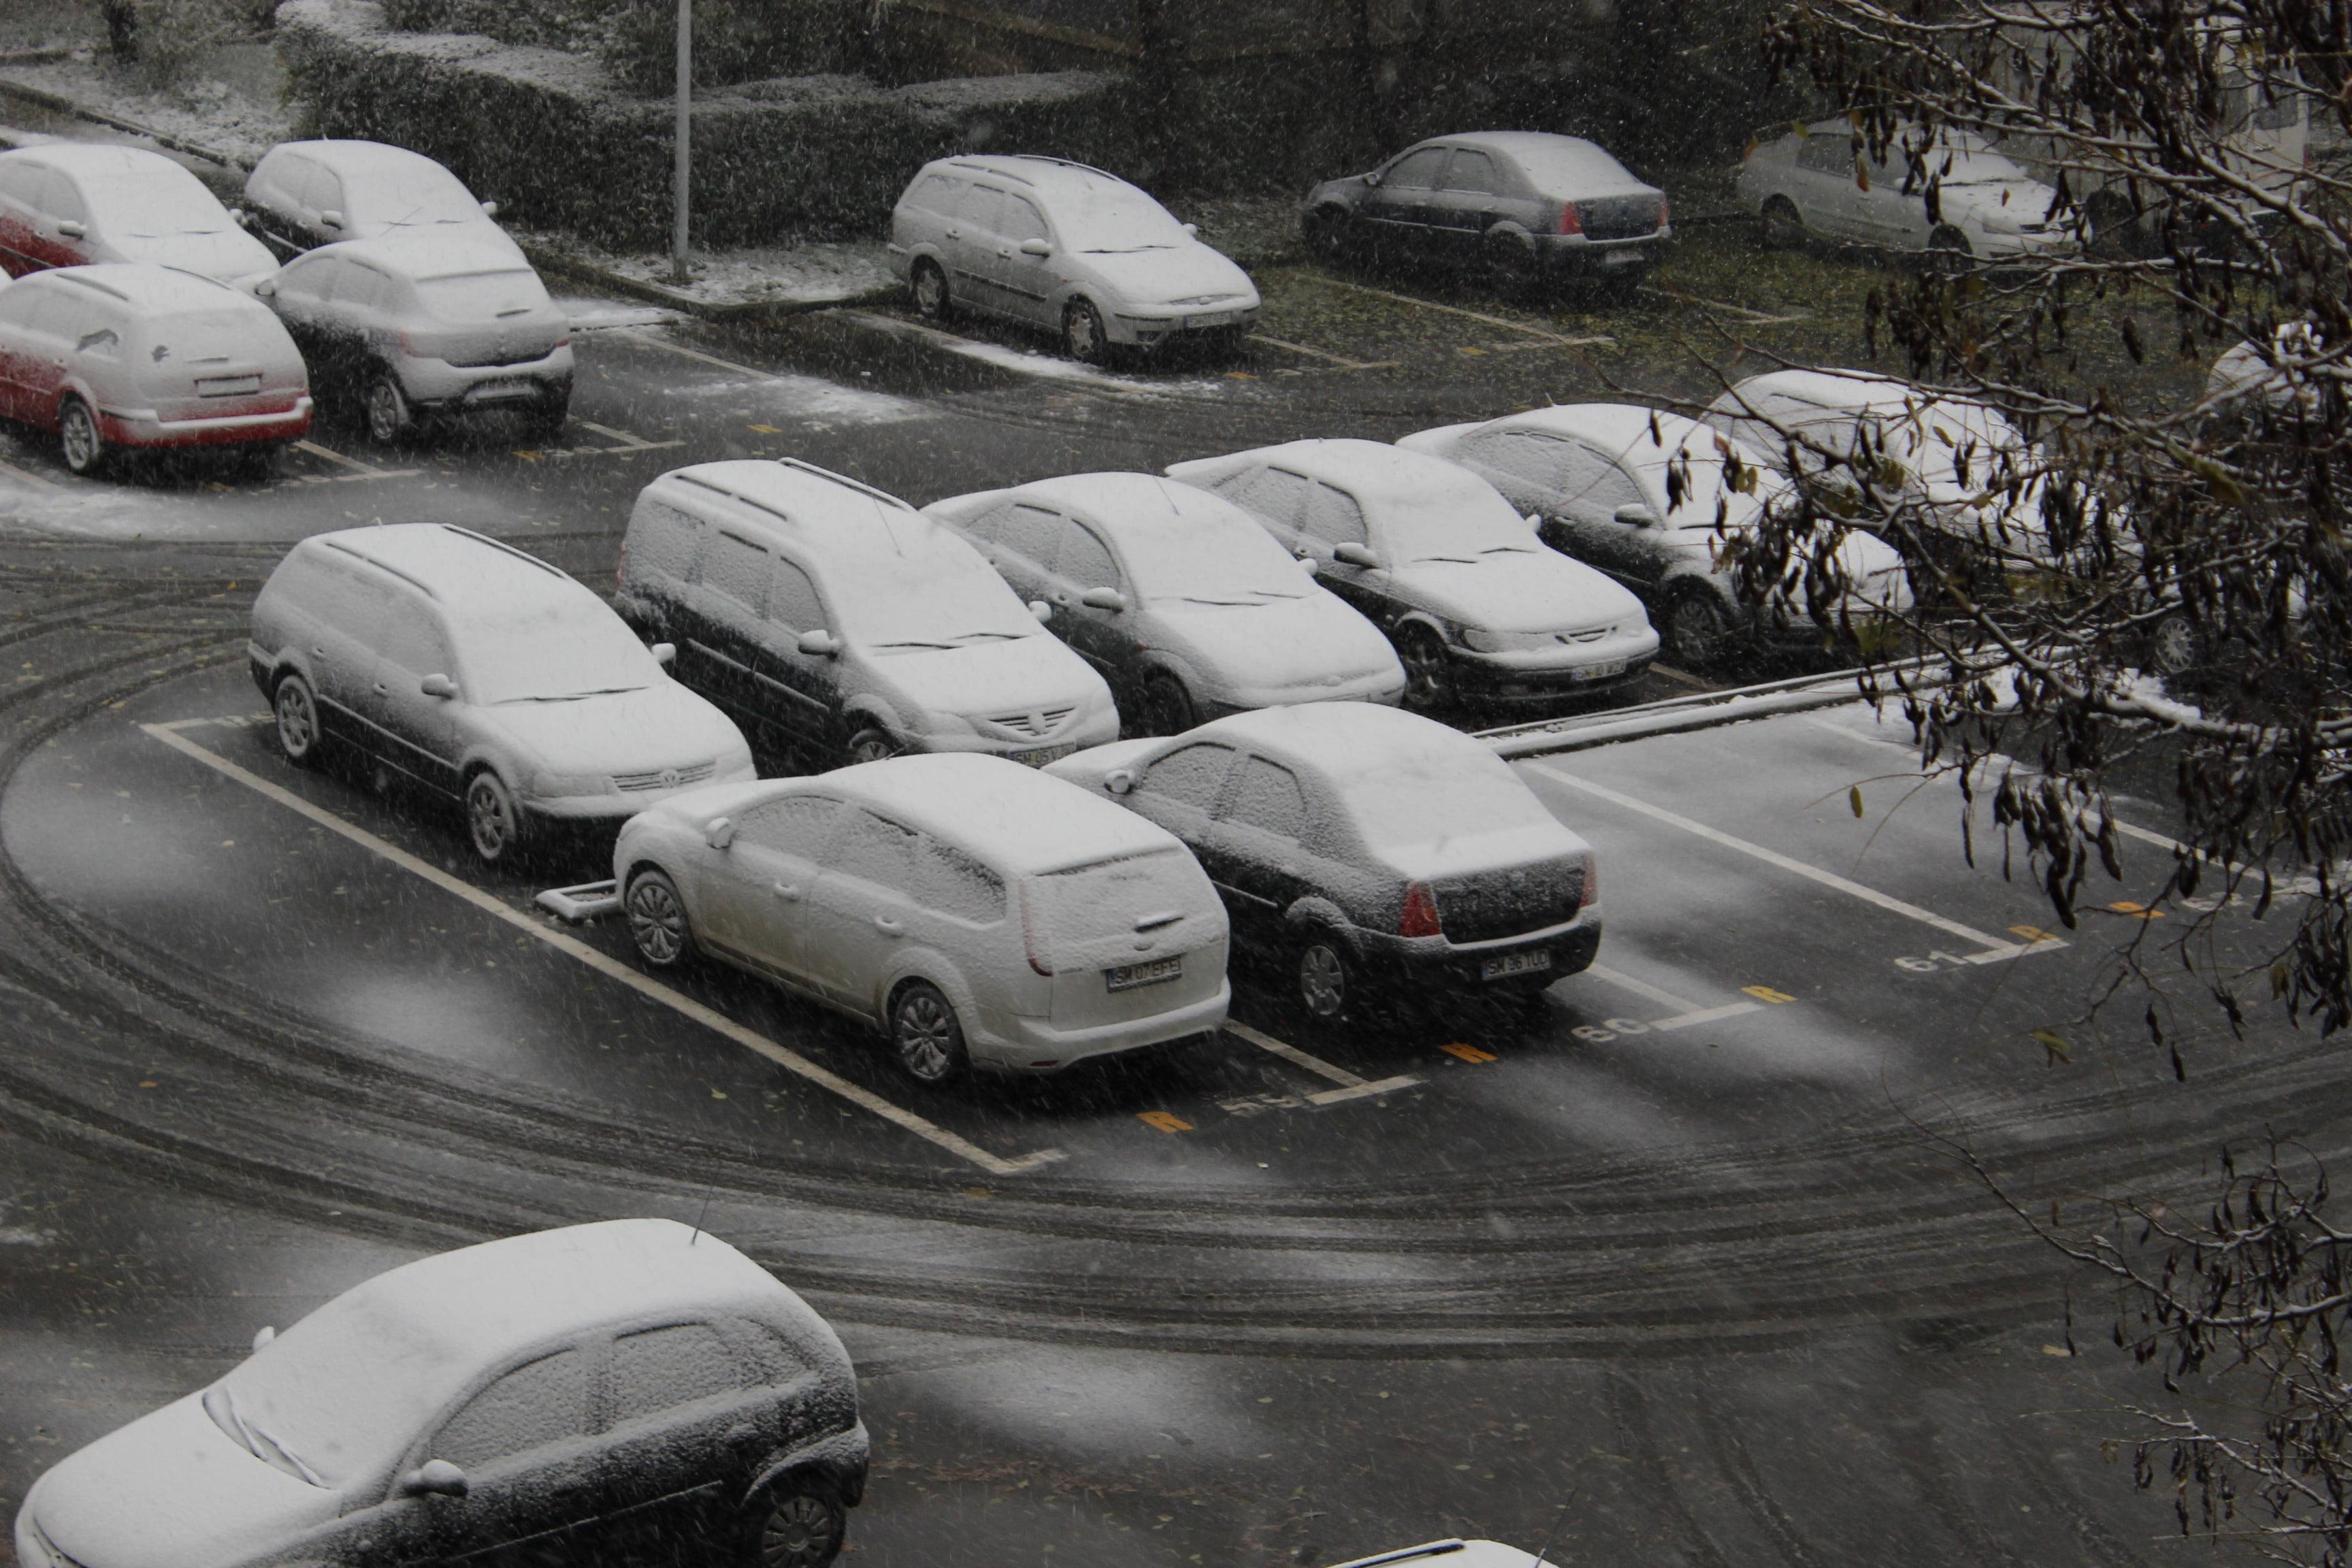 NINGE la Satu Mare! Prima ninsoare a căzut mai repede decât se aștepta oricine